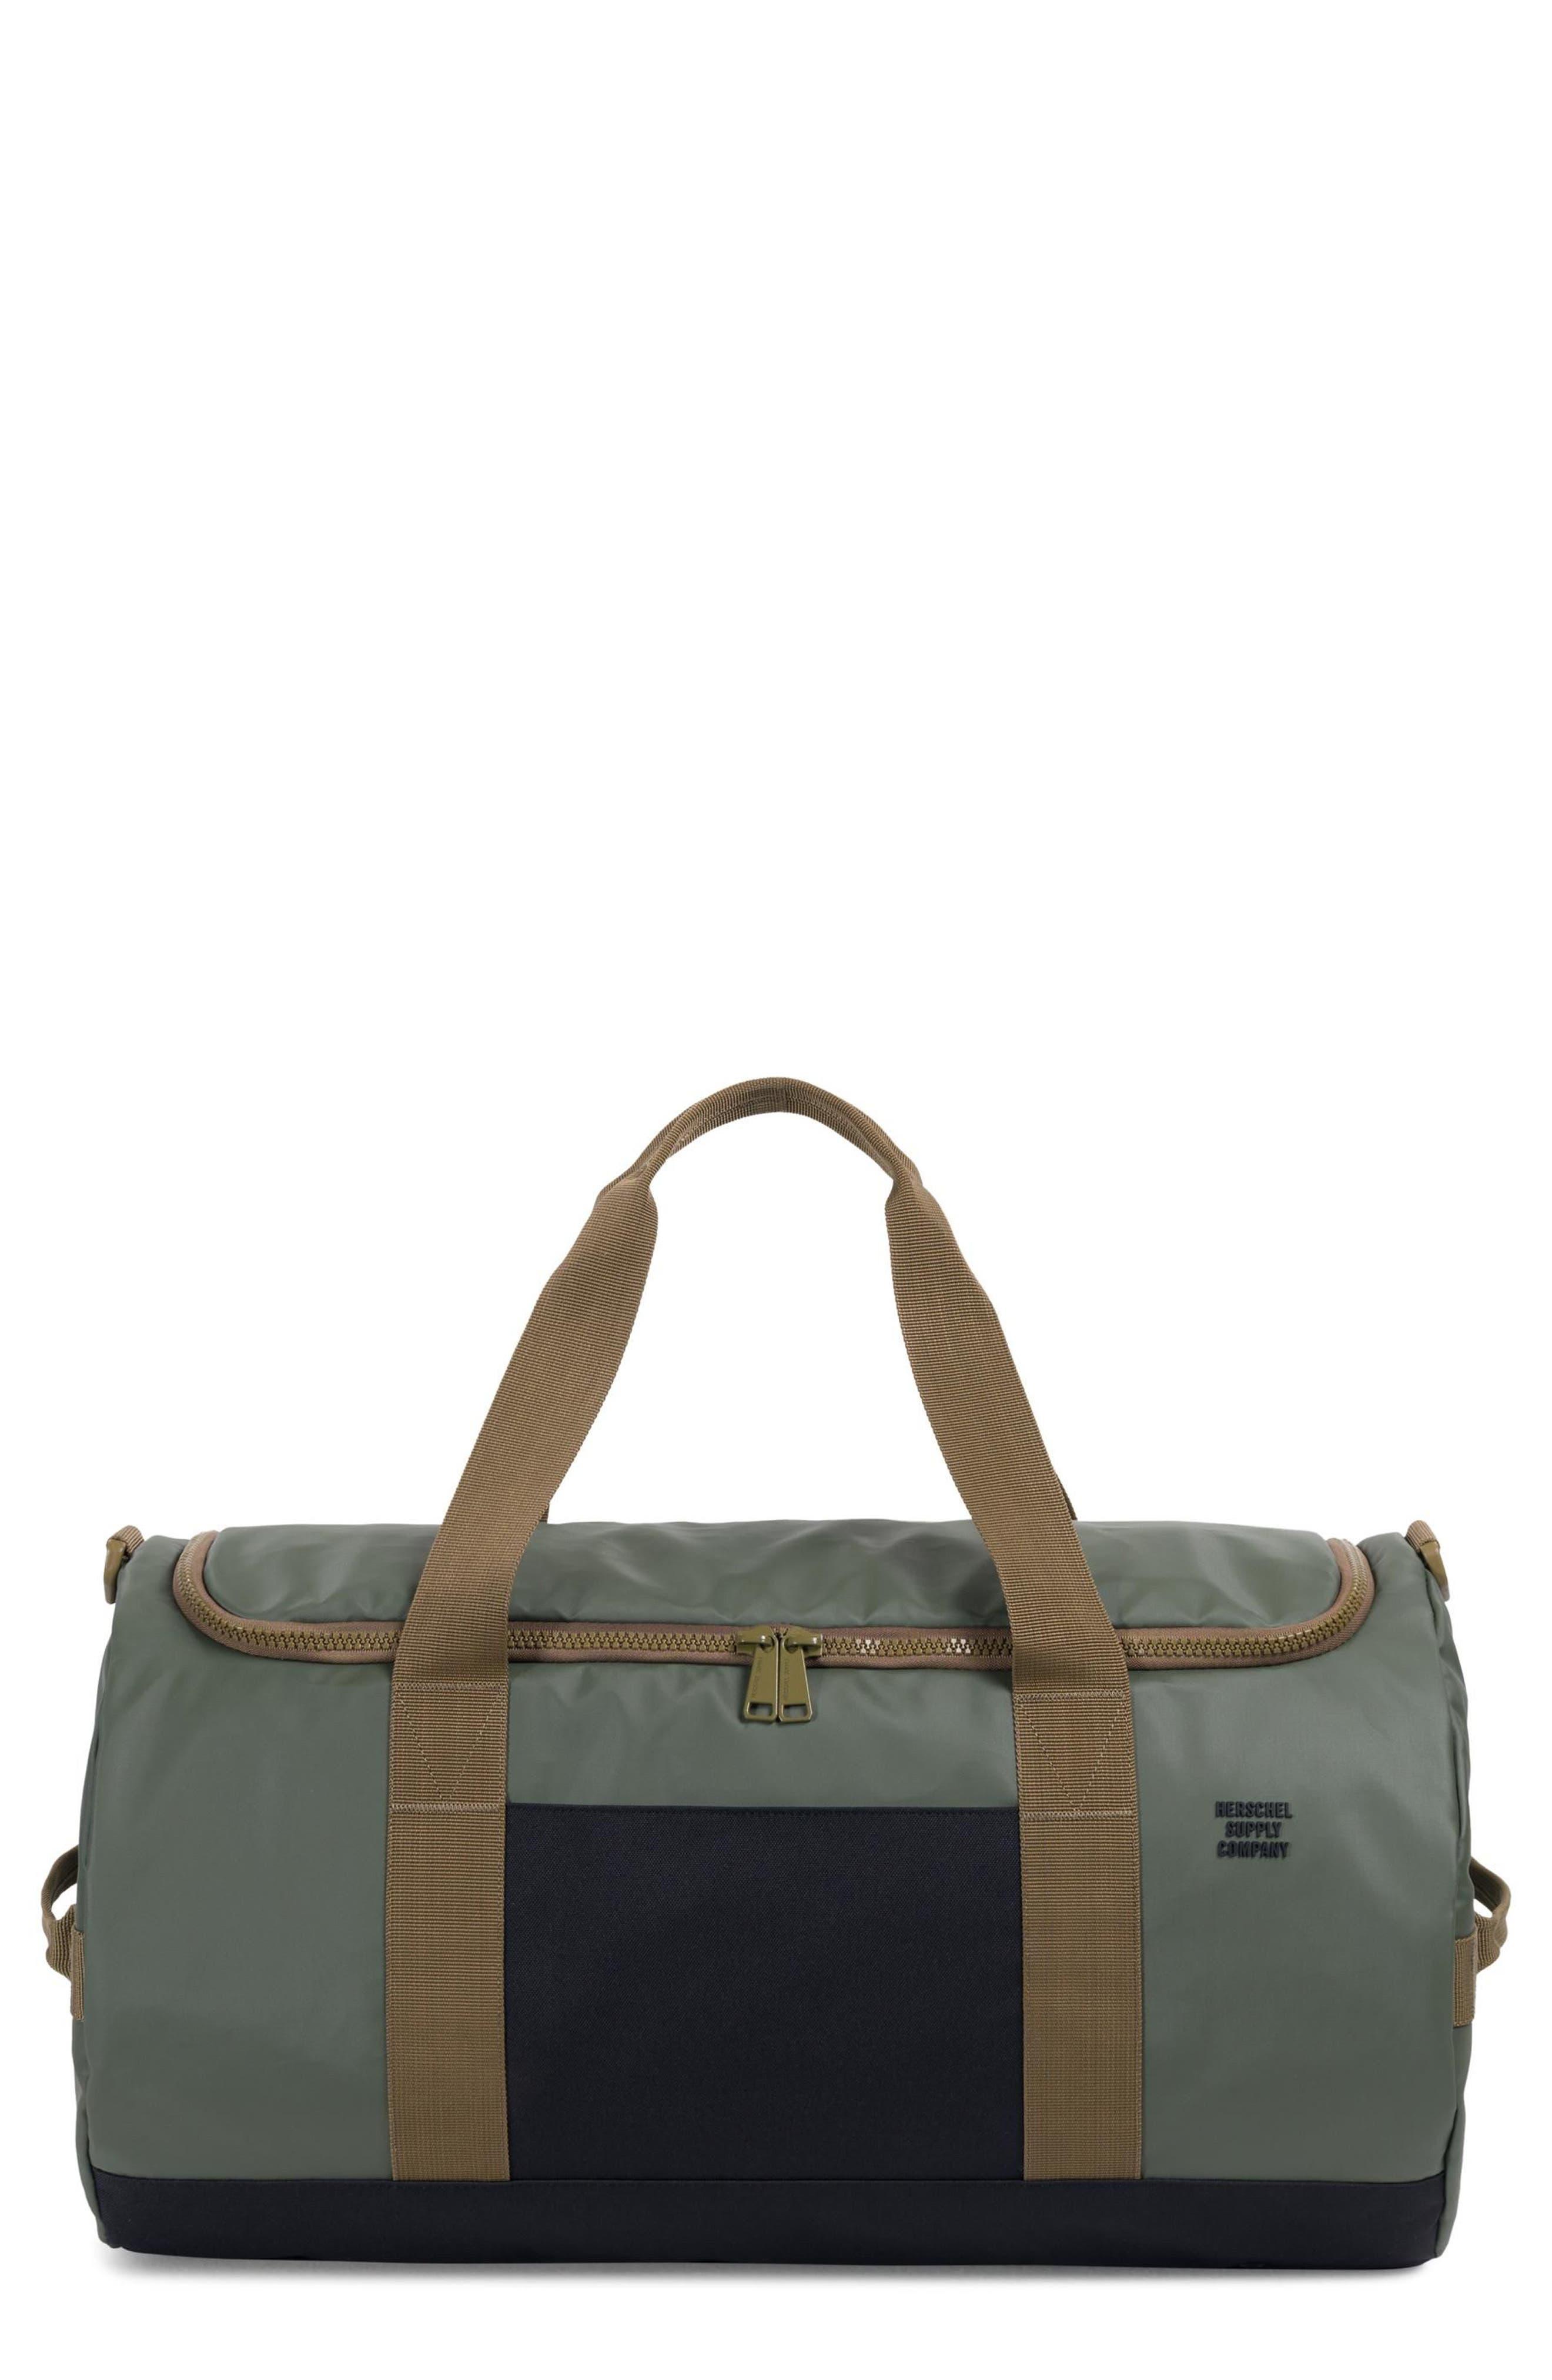 Sutton Polycoat Studio Duffel Bag,                             Main thumbnail 1, color,                             Beetle/Black/Gothic Olive